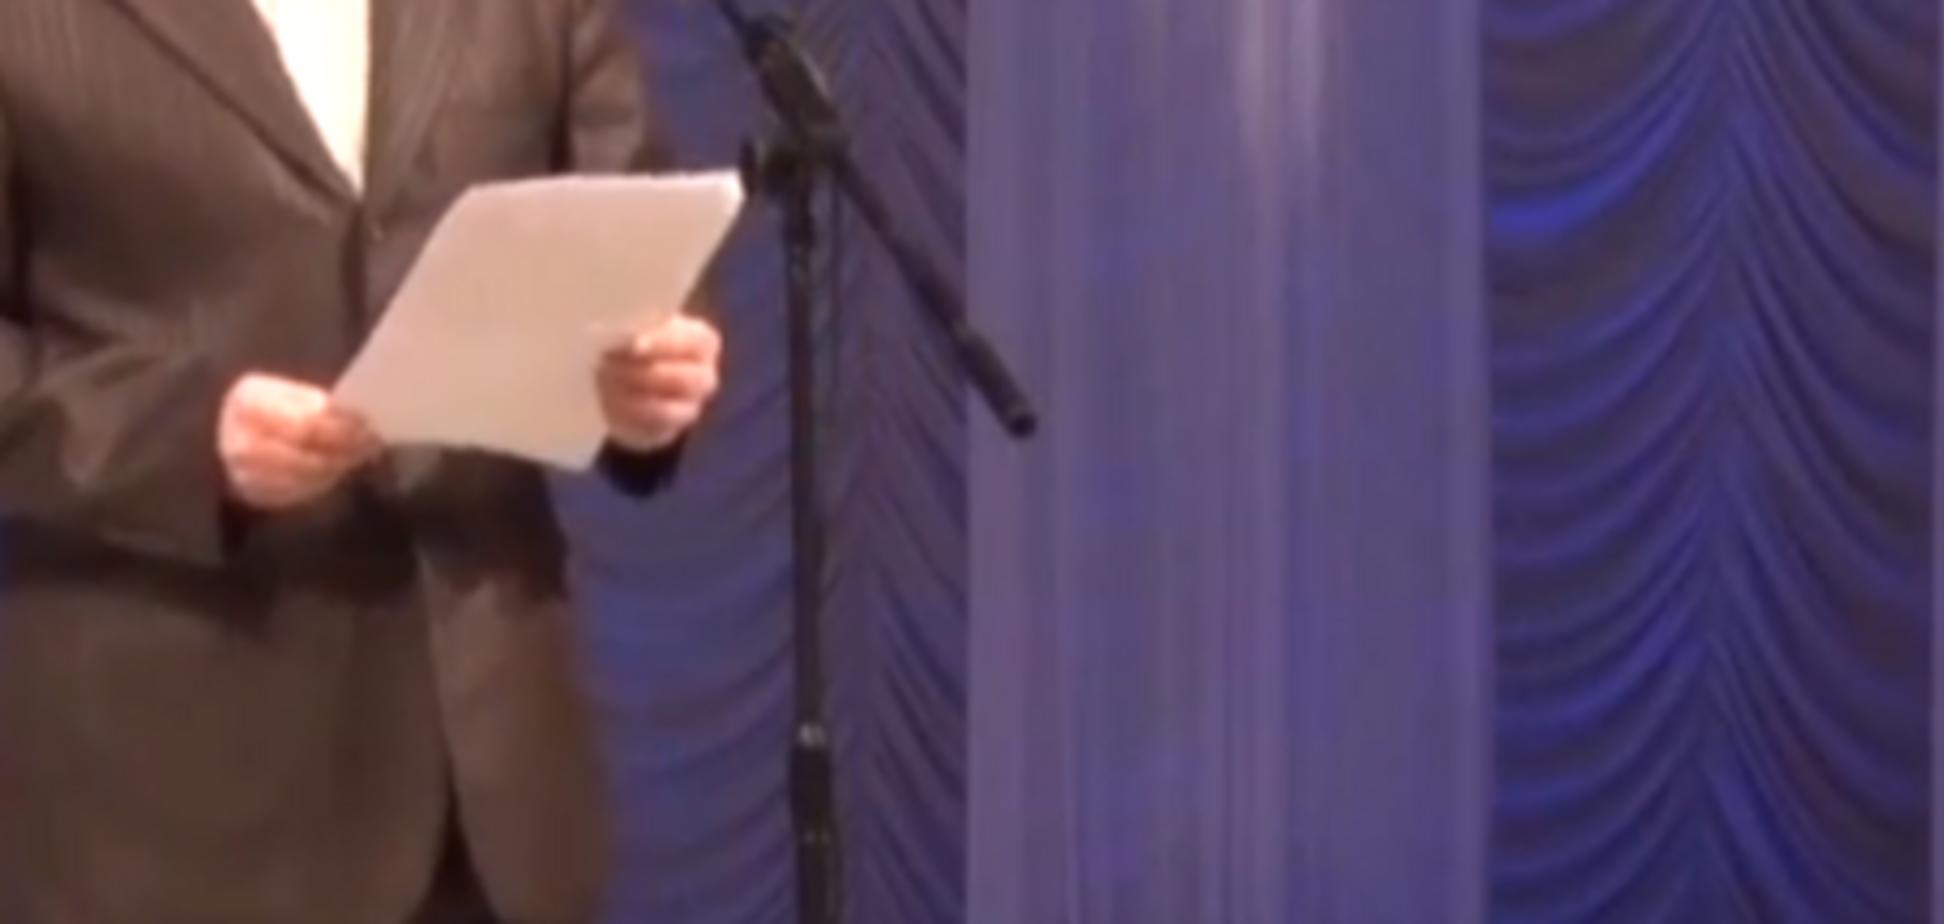 Ходаковский подарил 'министру госбезопасности ДНР' бюст Дзержинского, который оказался Чайковским